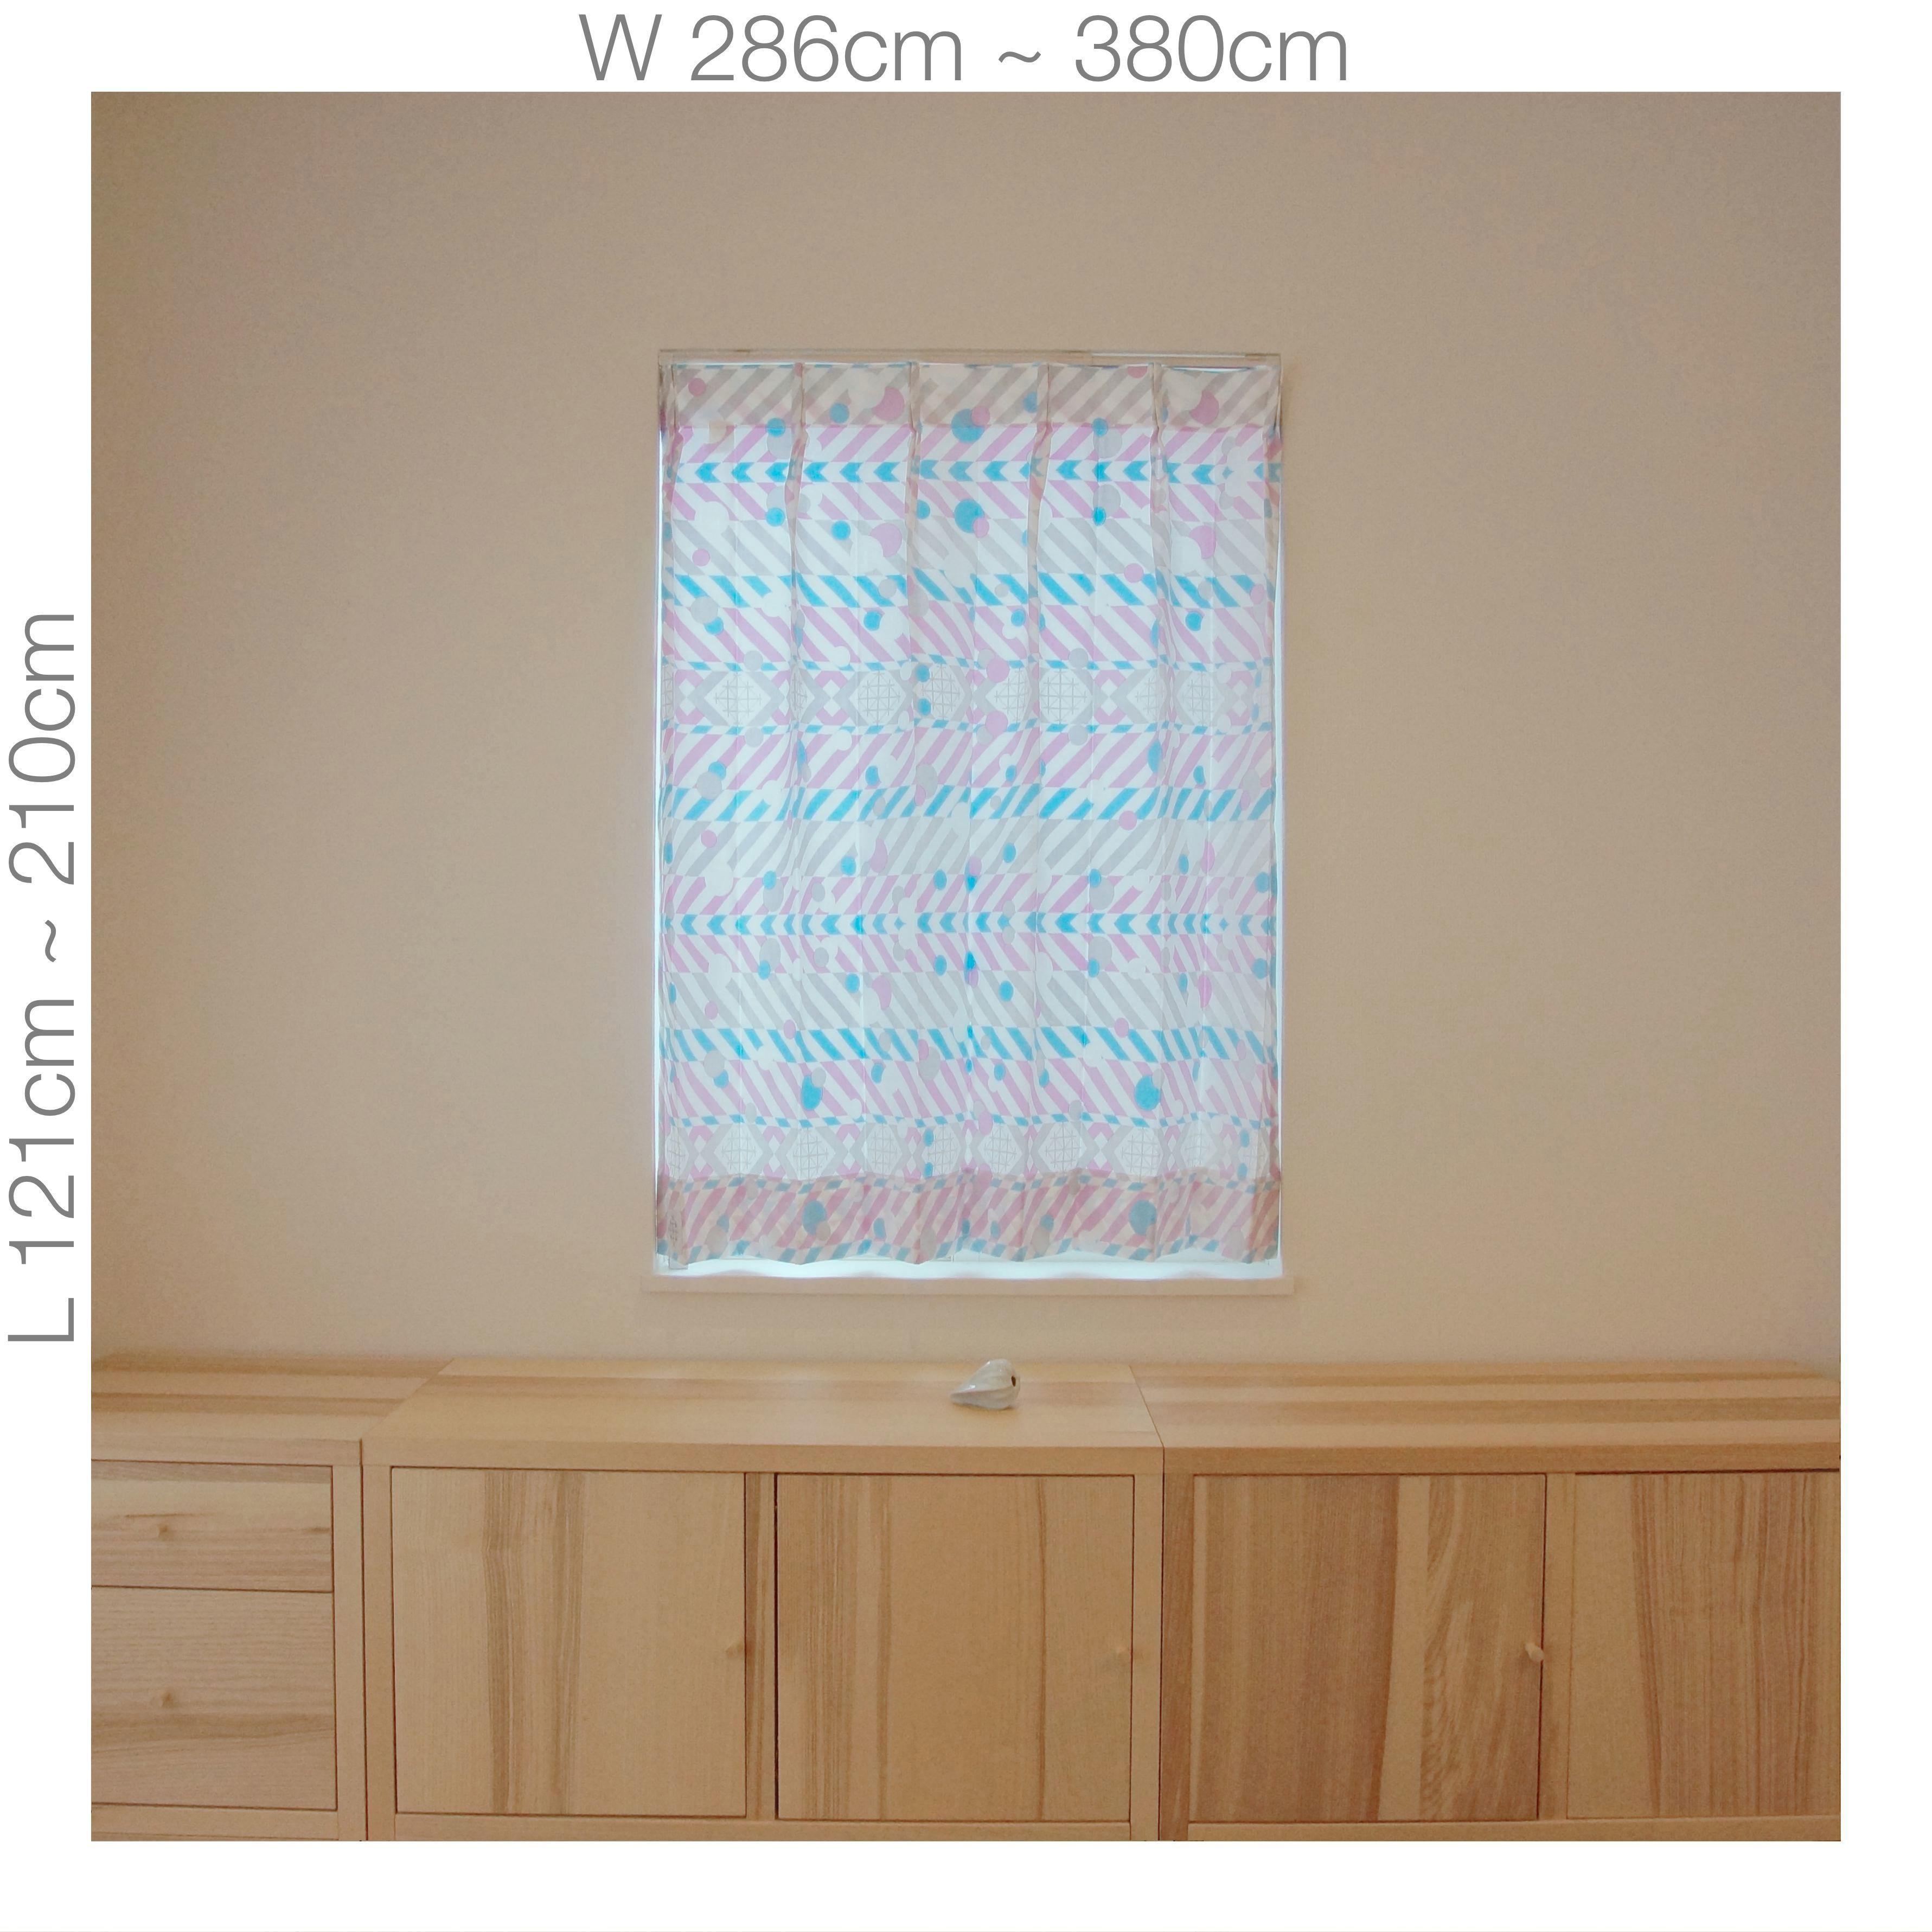 """【ORDER CURTAINS】オーダーカーテン:""""羽根"""" 巾286cm~380cm ・ 丈 121cm~210cm(2枚セット)"""